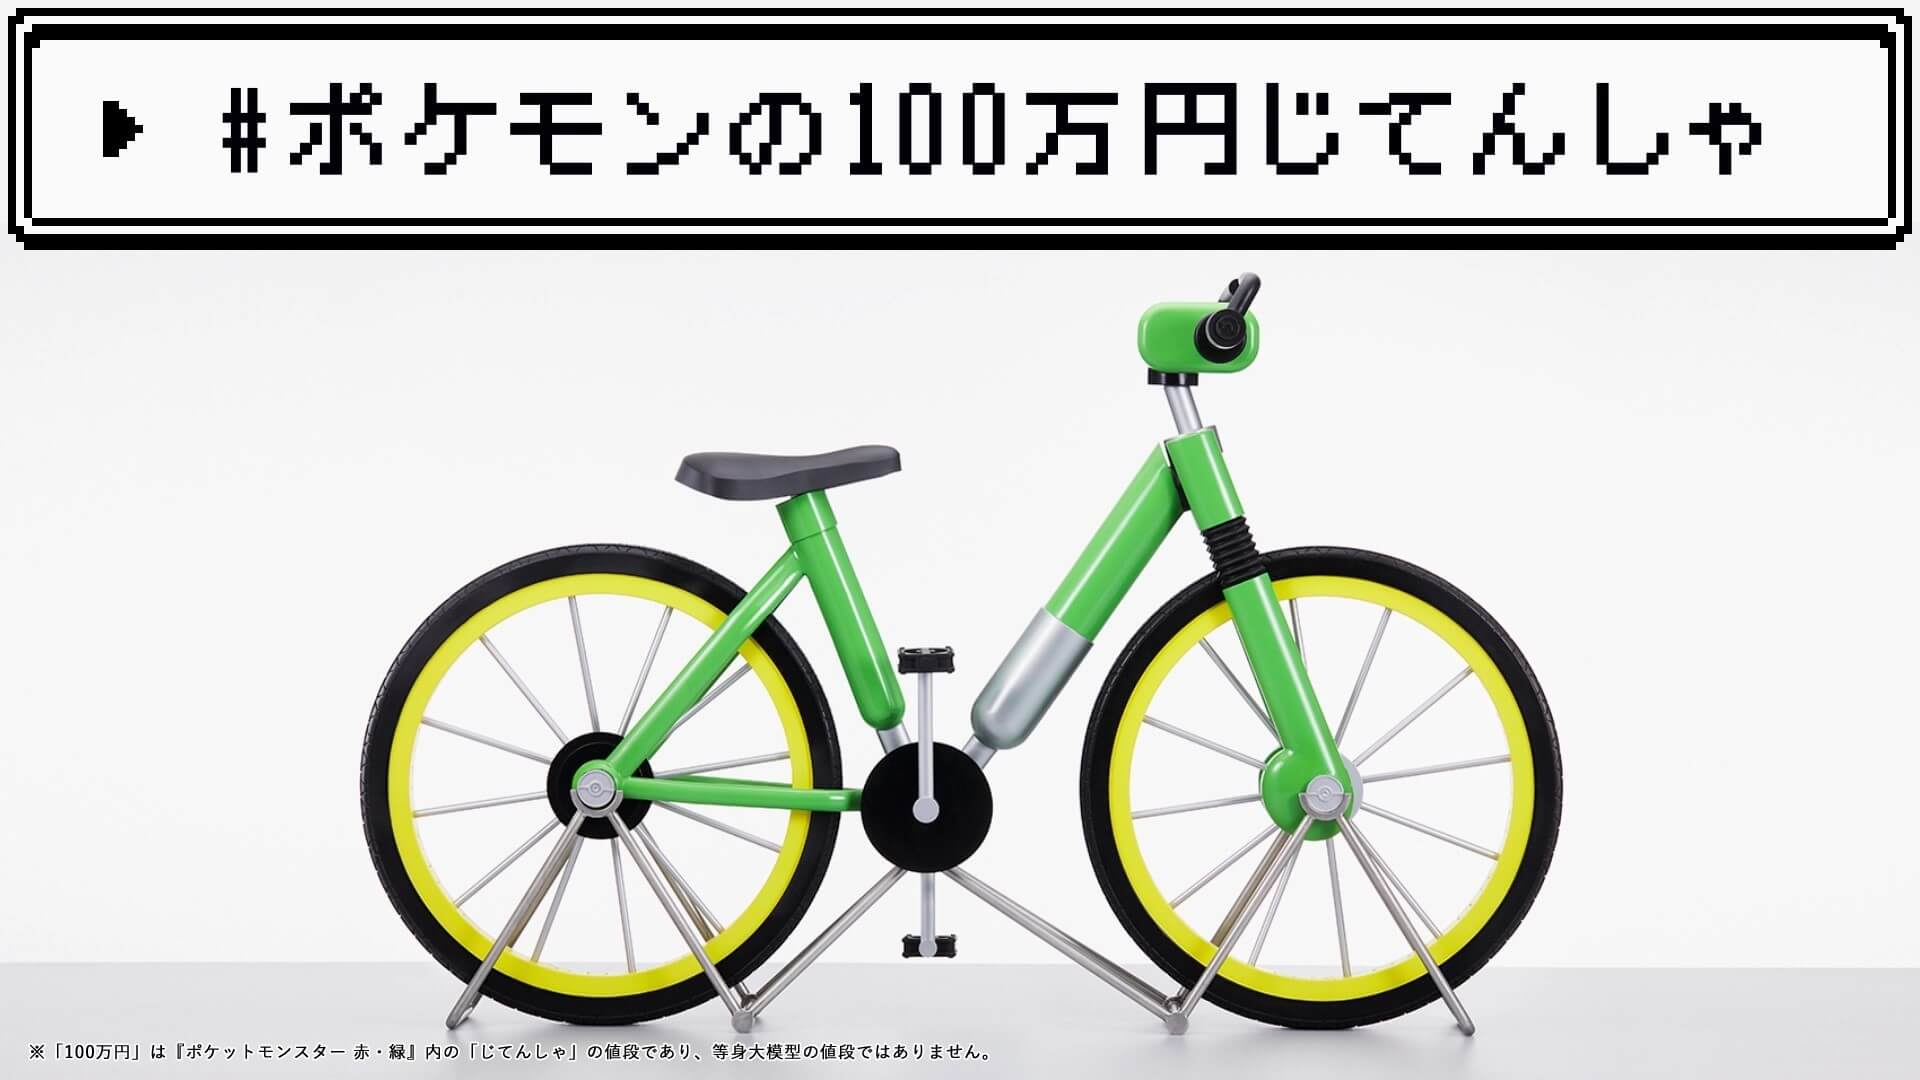 あの「ポケモンの100万円じてんしゃ」がゲットできる!『ポケットモンスター 赤・緑』のじてんしゃが等身大模型になって登場 tech210730_pokemon_bike_2